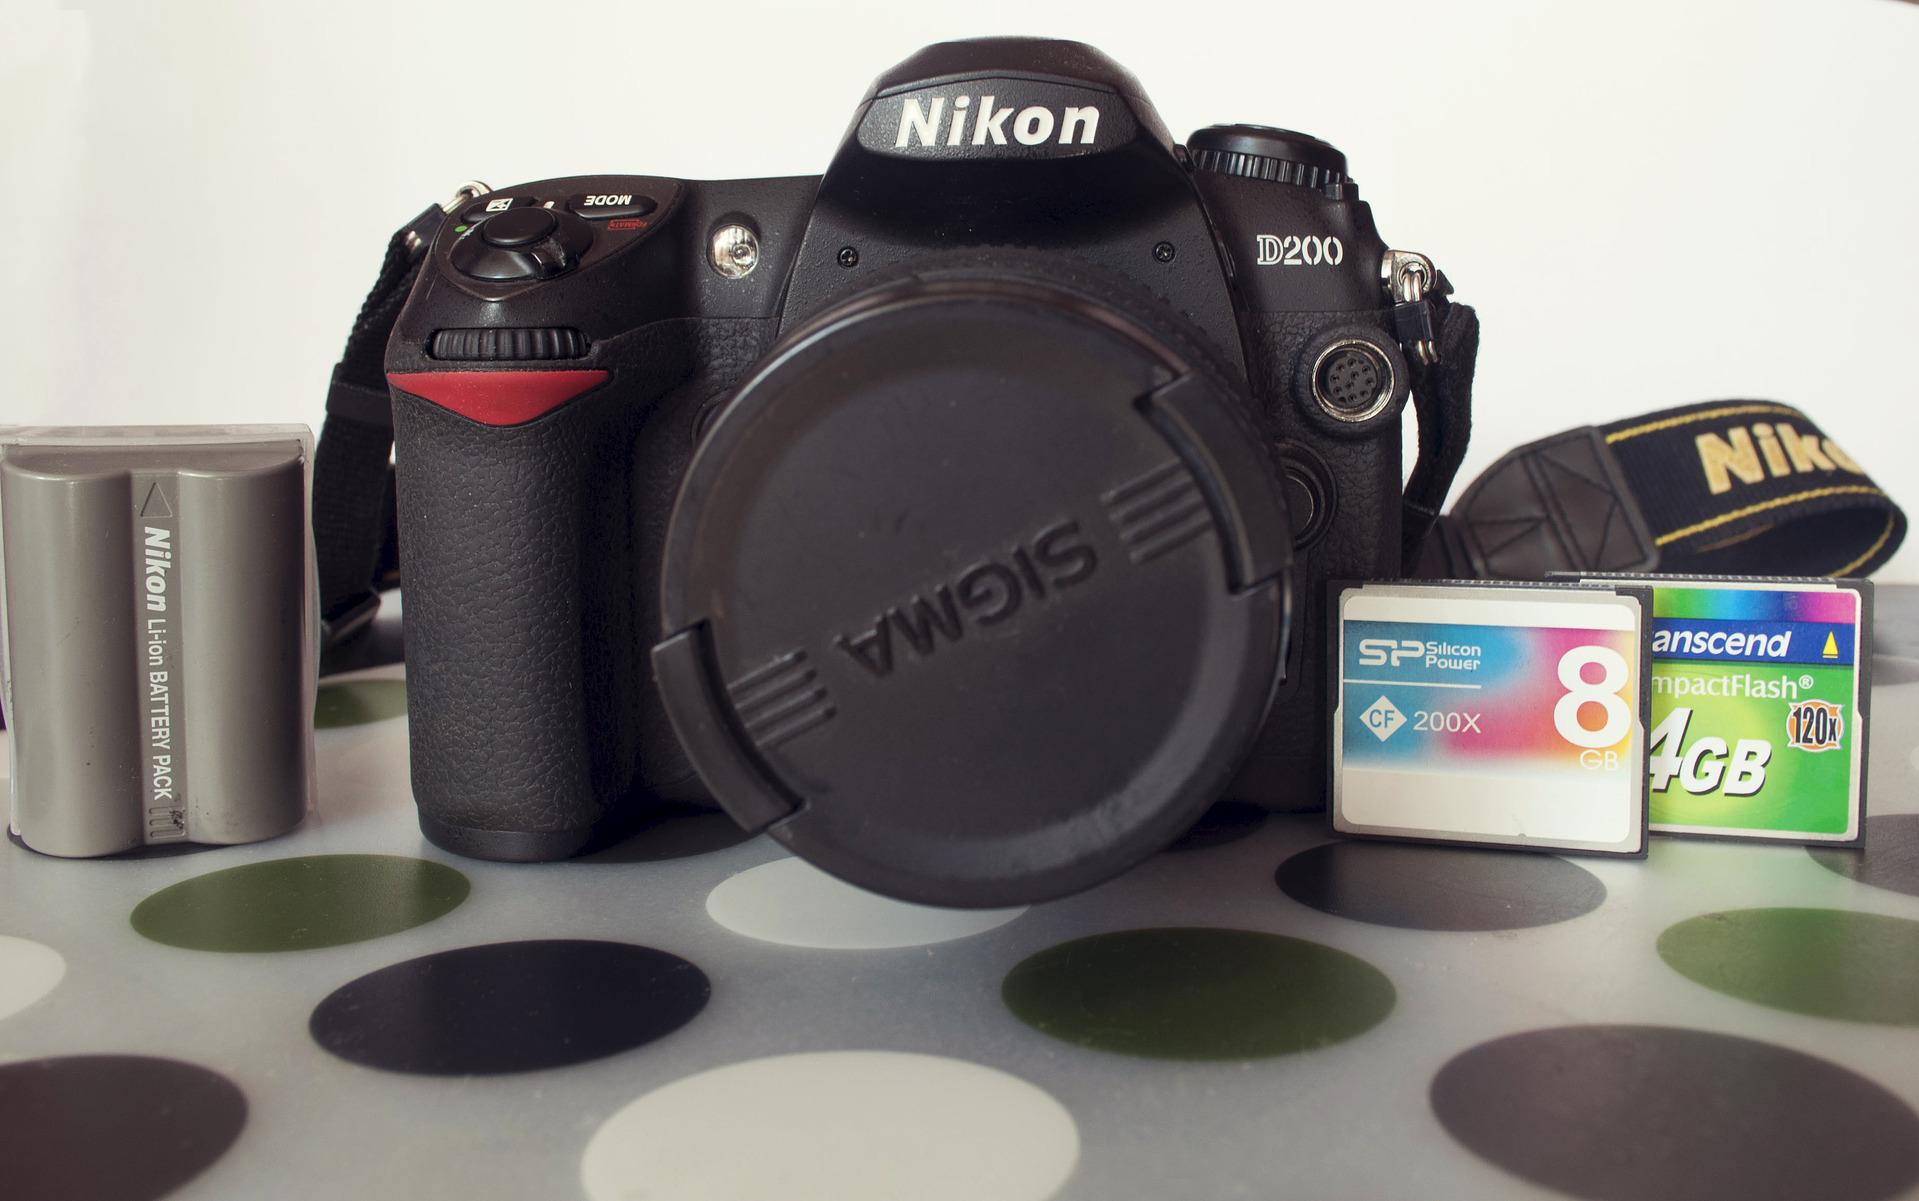 1 nikon d300s (body) в отличном состоянии, полный комплект (коробка, документы, диски, з/у)